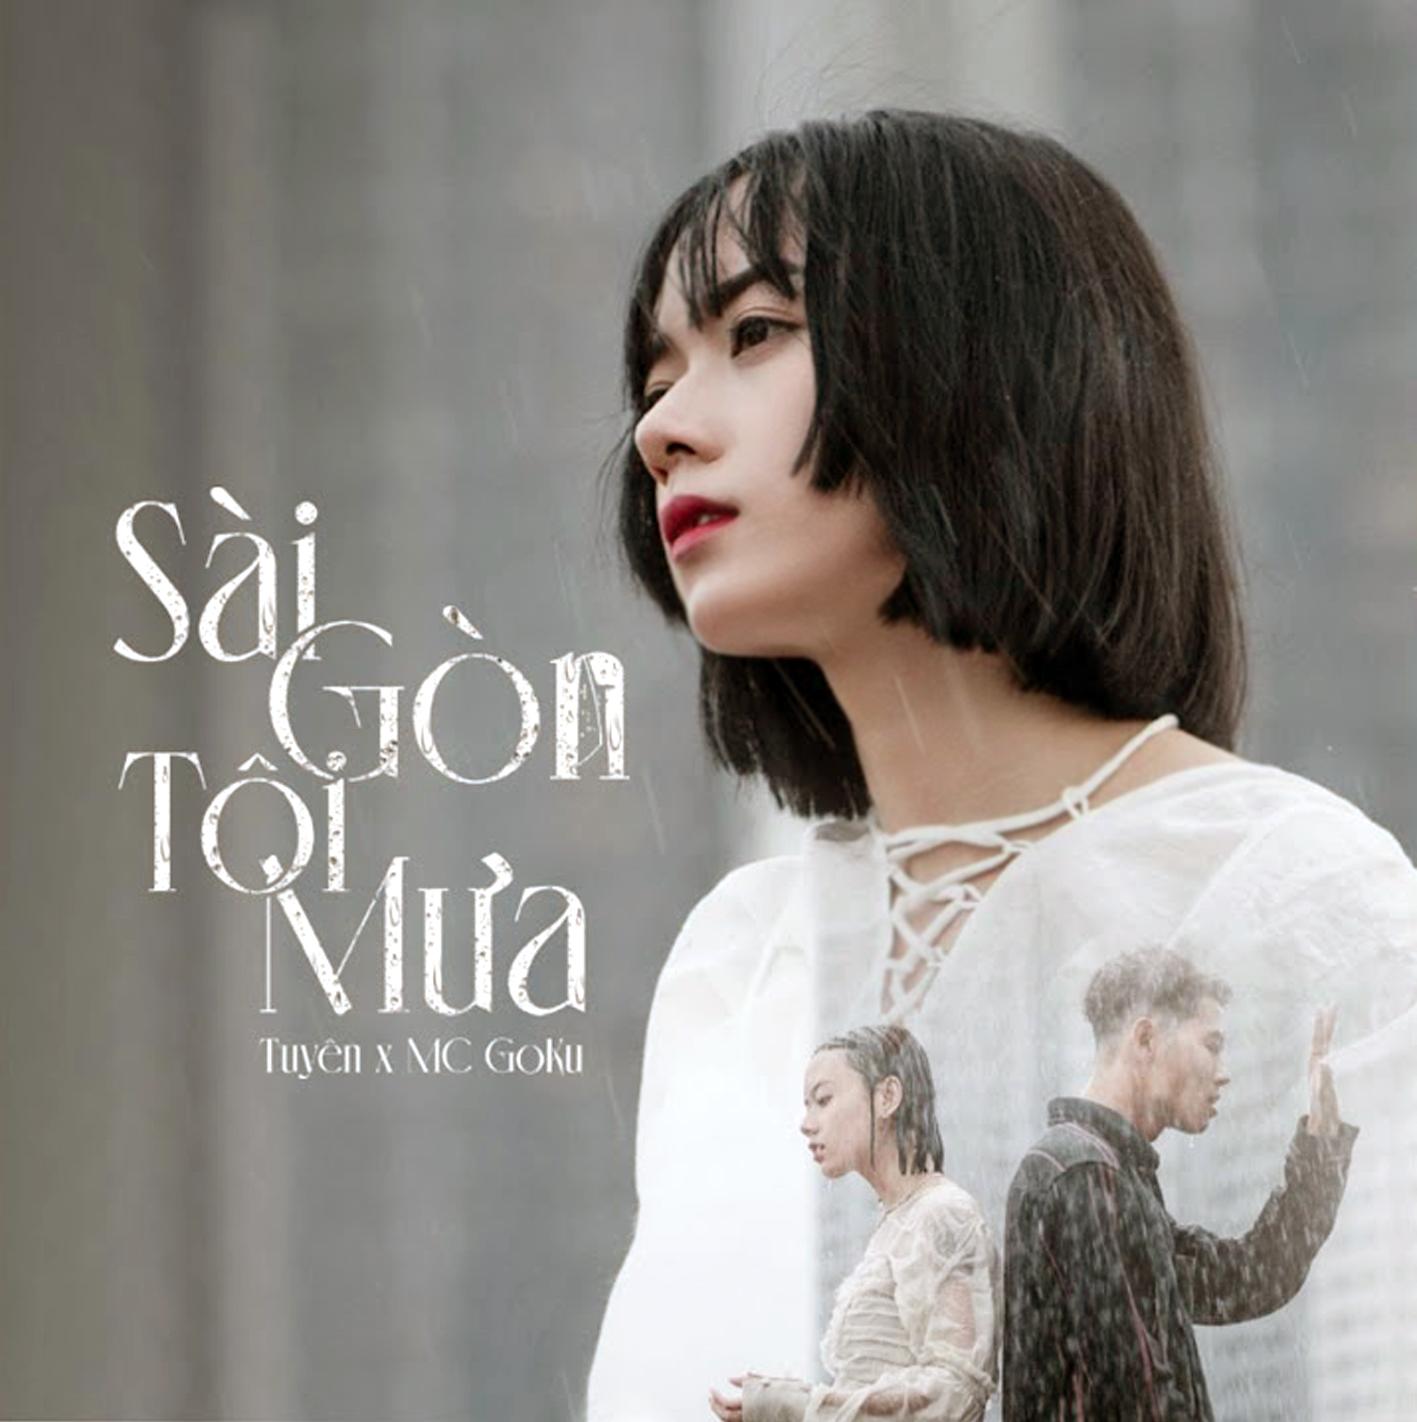 Hình ảnh trong MV Sài Gòn tôi mưa của Kim Tuyên